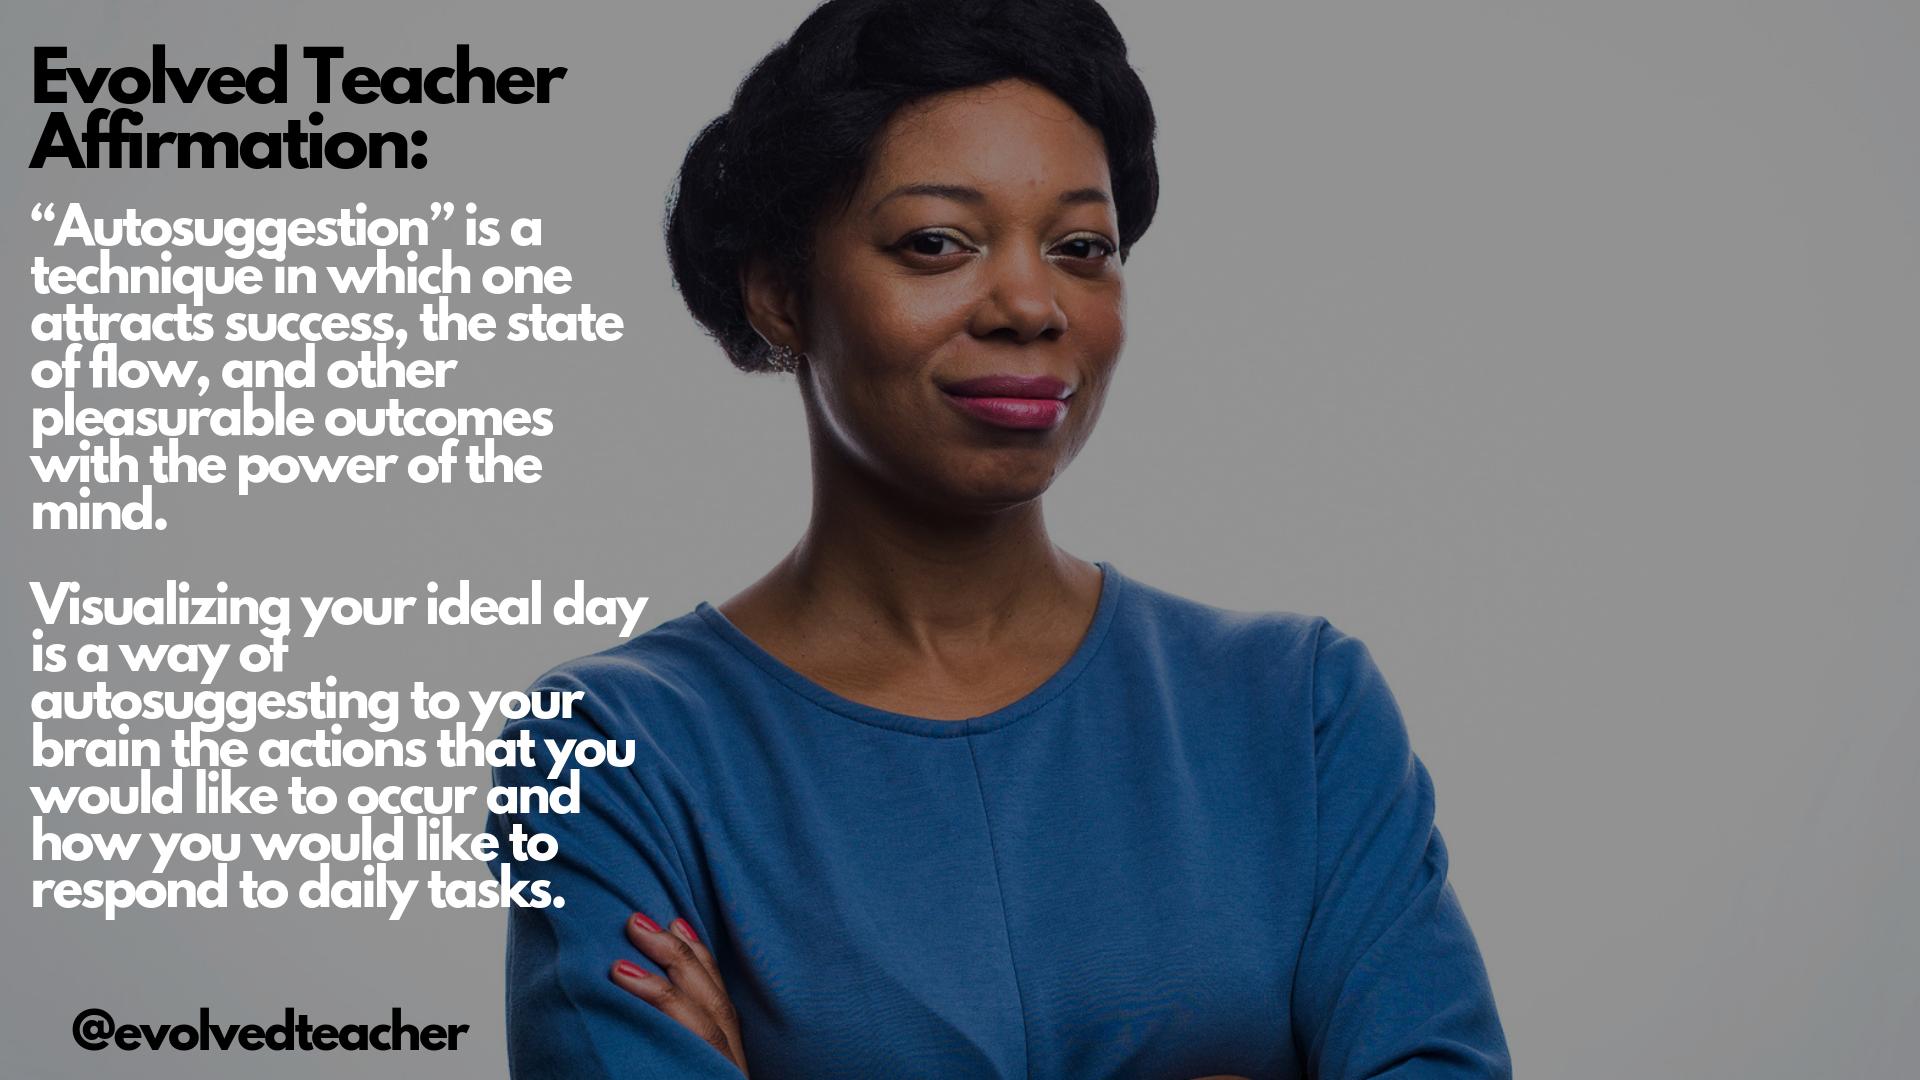 Gahmya Drummond-bey, autosuggestion, evolved teacher, personal growth for teachers